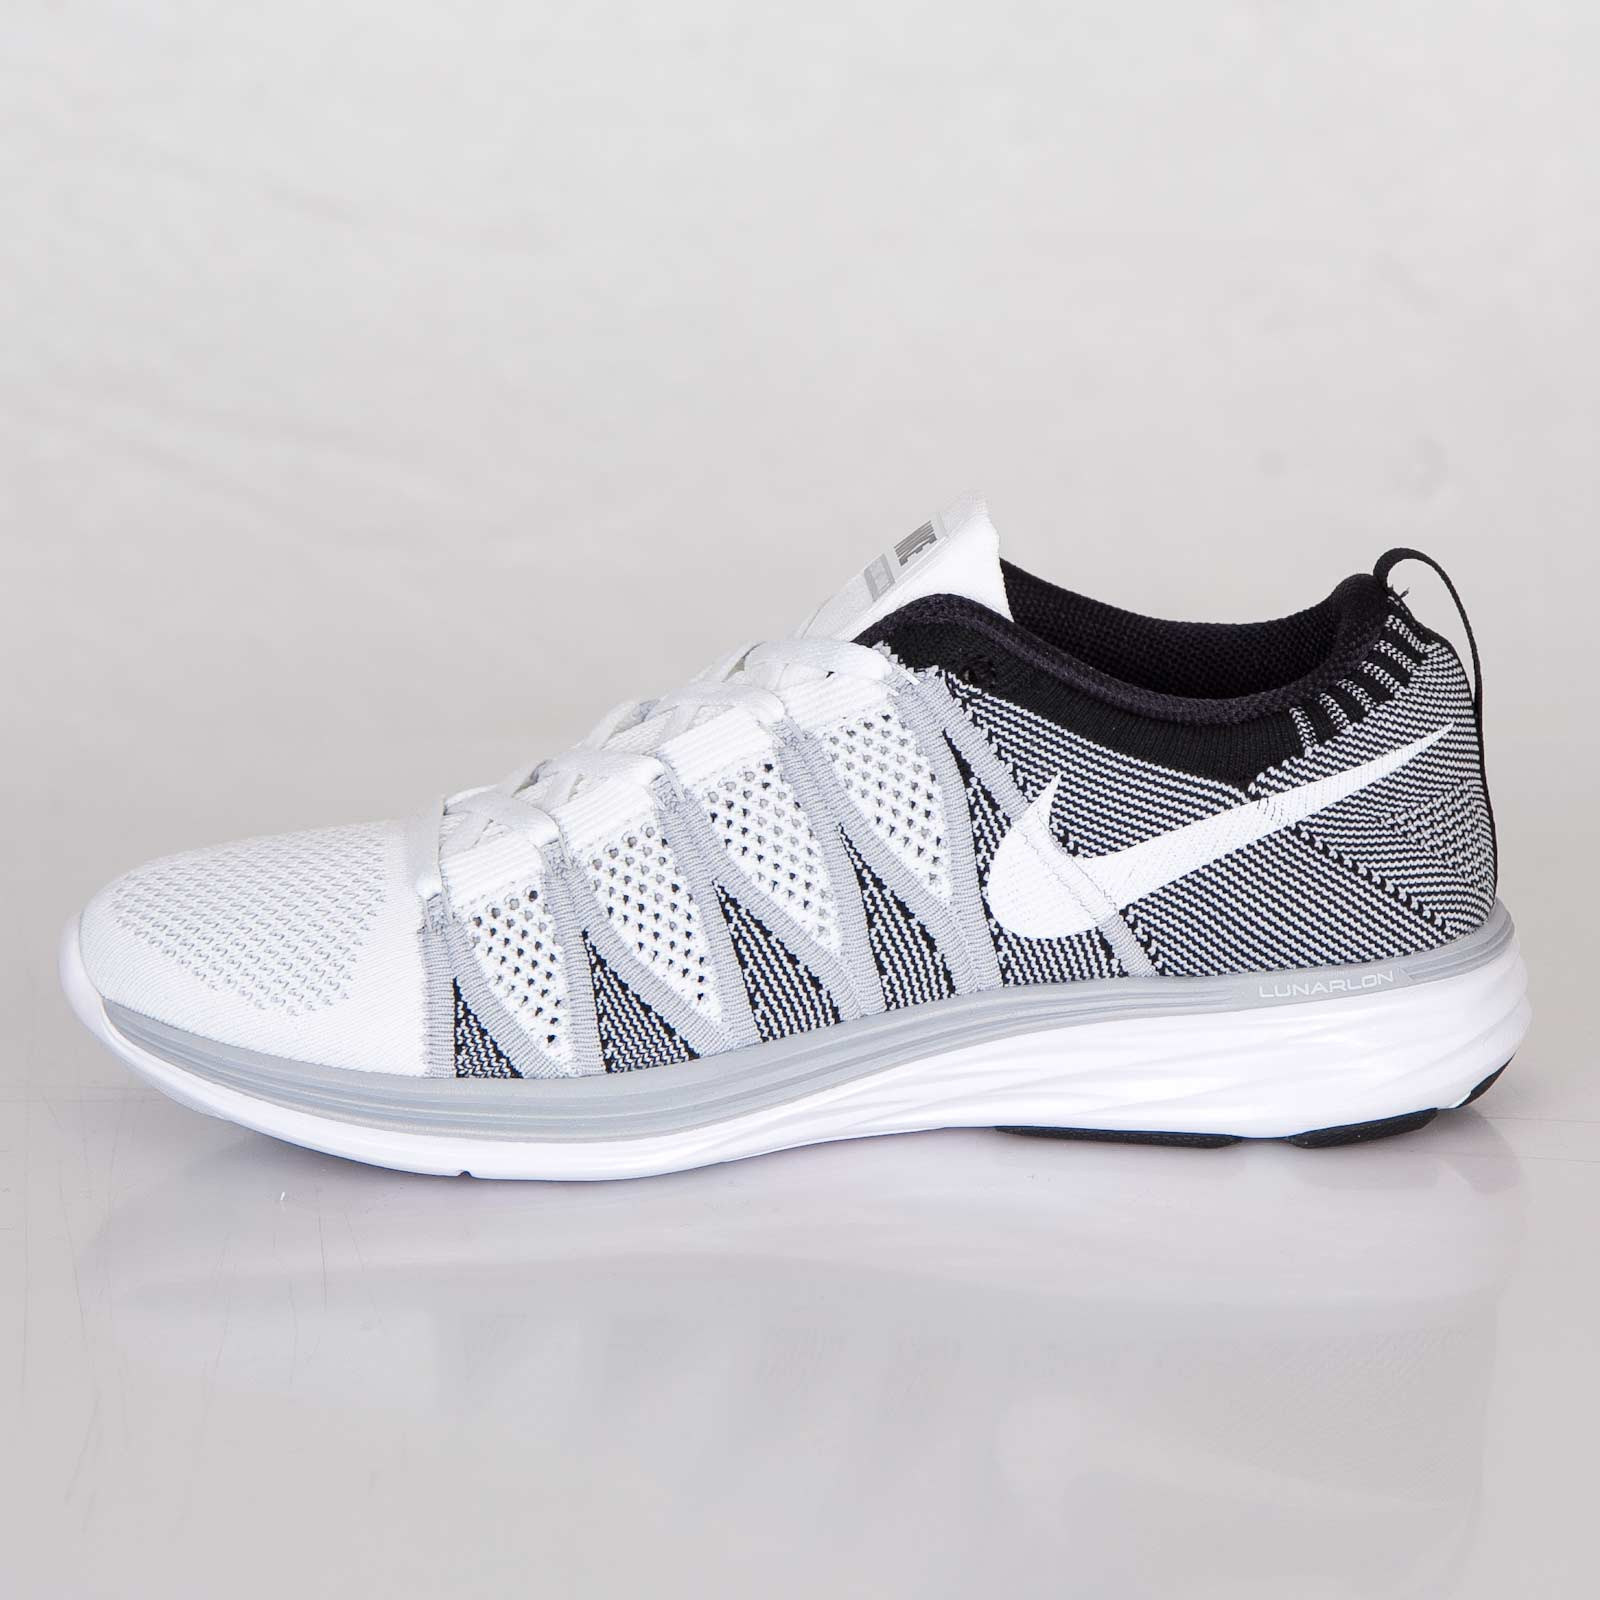 official photos 07752 f8389 Nike Flyknit Lunar2 - 620465-100 - Sneakersnstuff   sneakers   streetwear  online since 1999